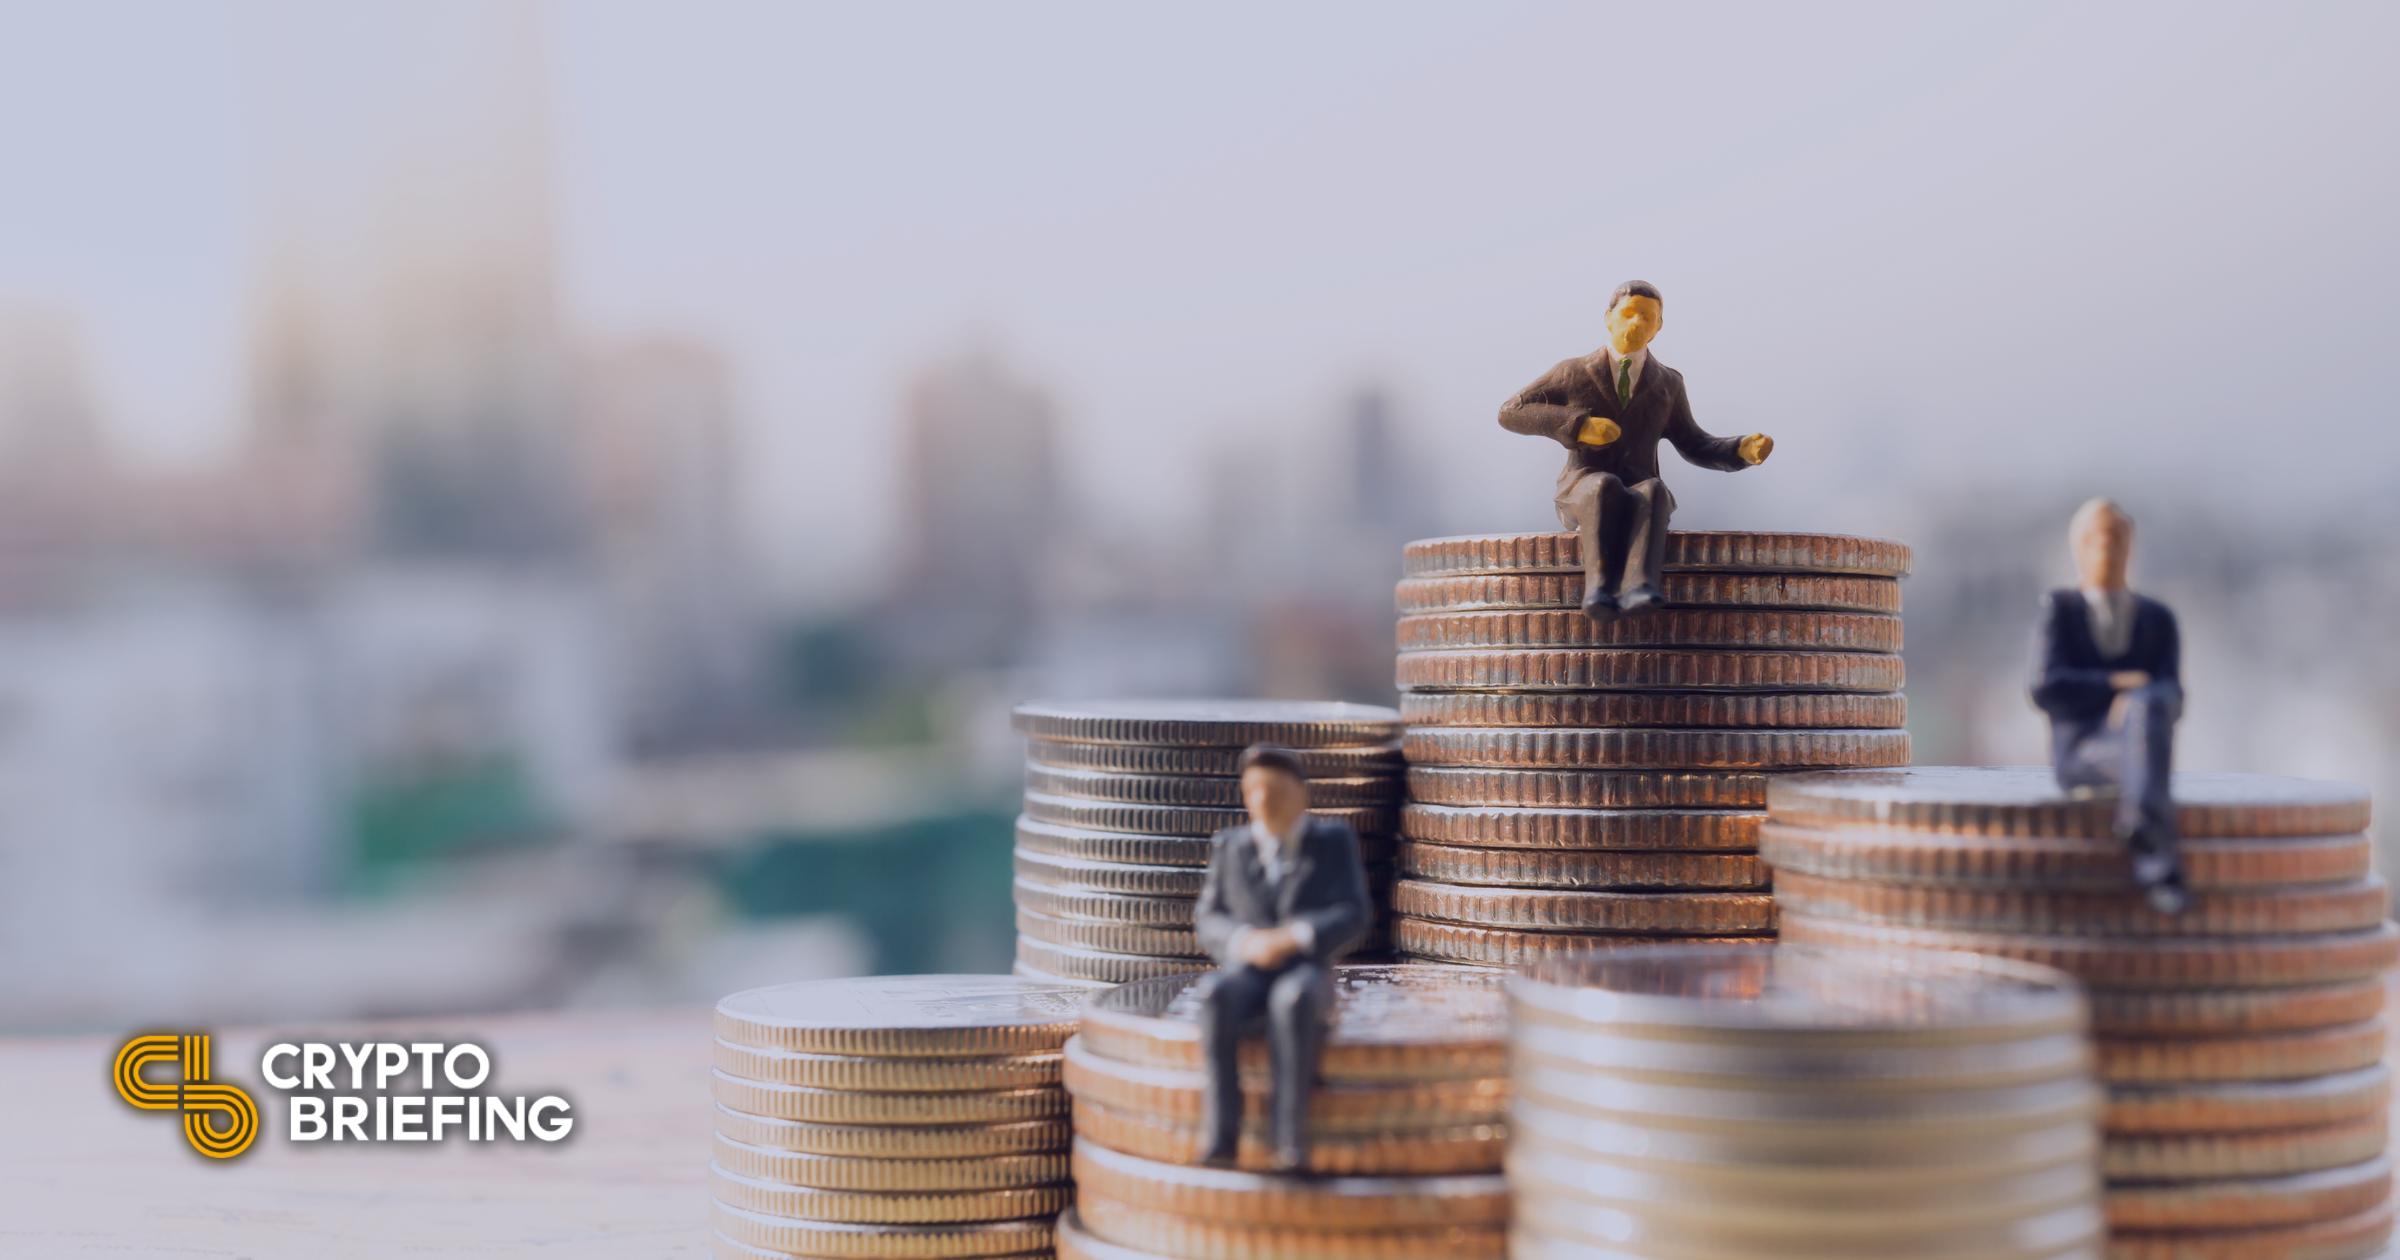 Pendle Finance recauda $ 3.5 millones para lanzar un mercado de rendimiento tokenizado